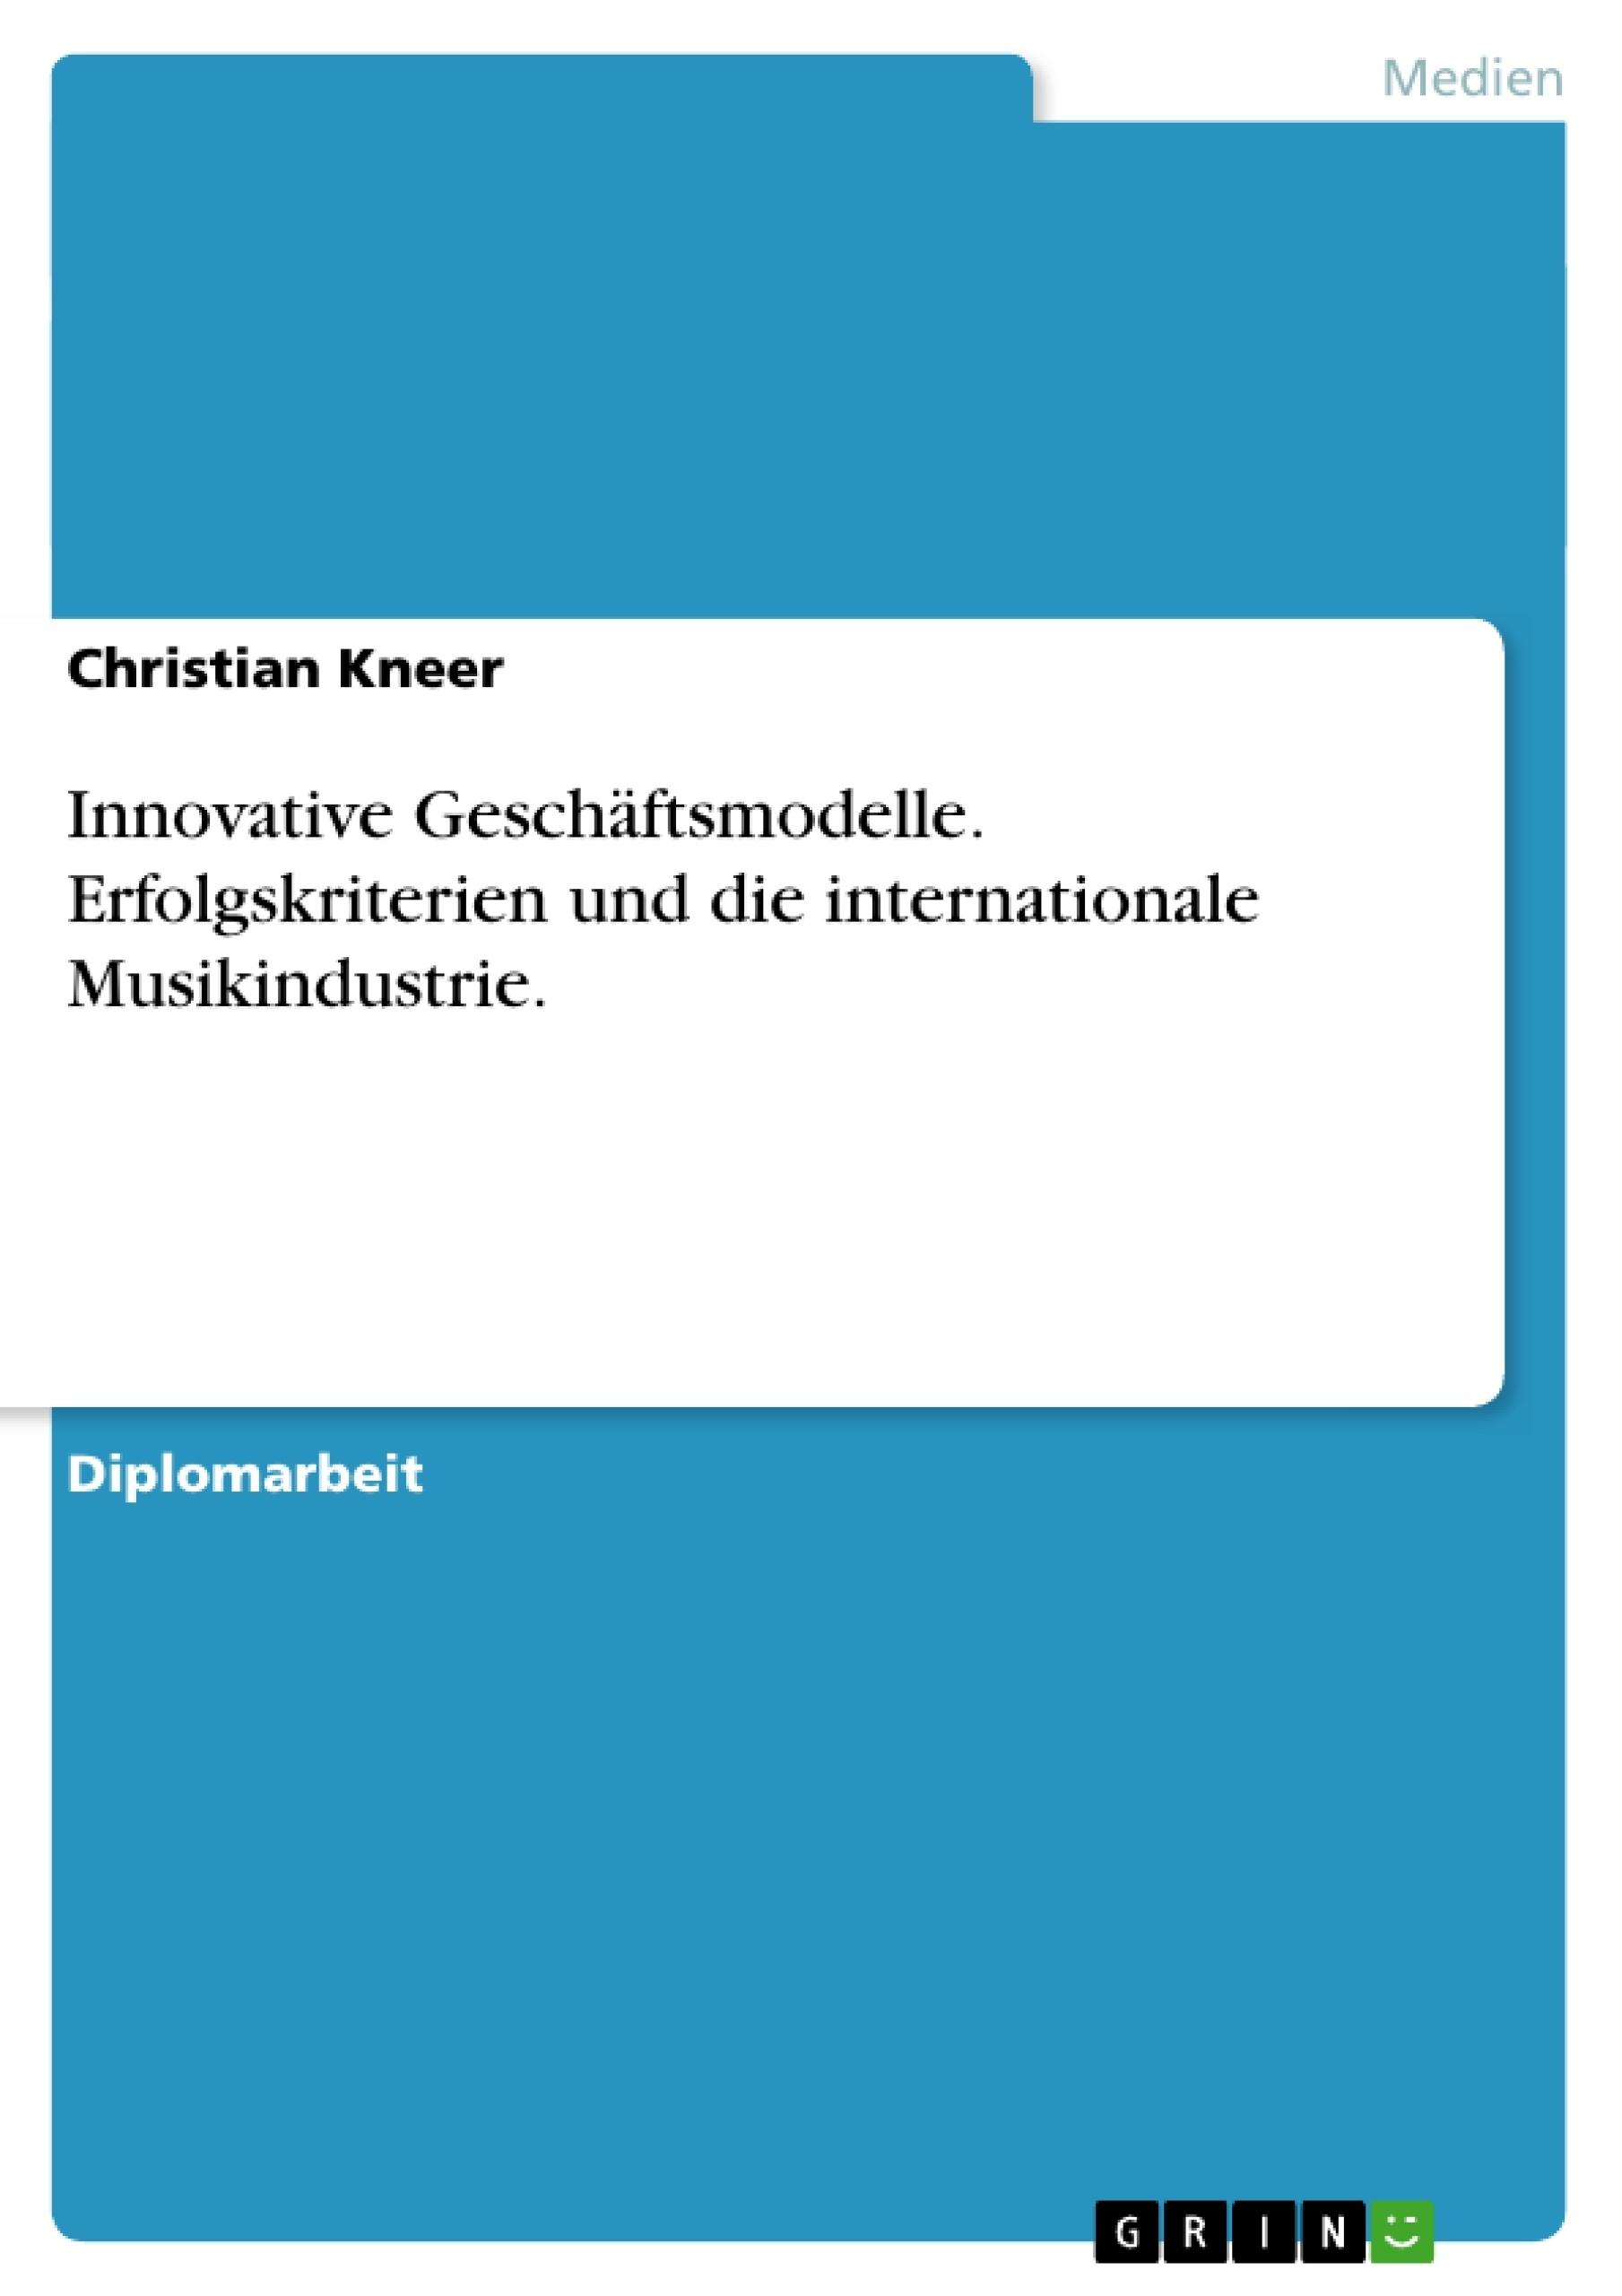 Titel: Innovative Geschäftsmodelle. Erfolgskriterien und die internationale Musikindustrie.